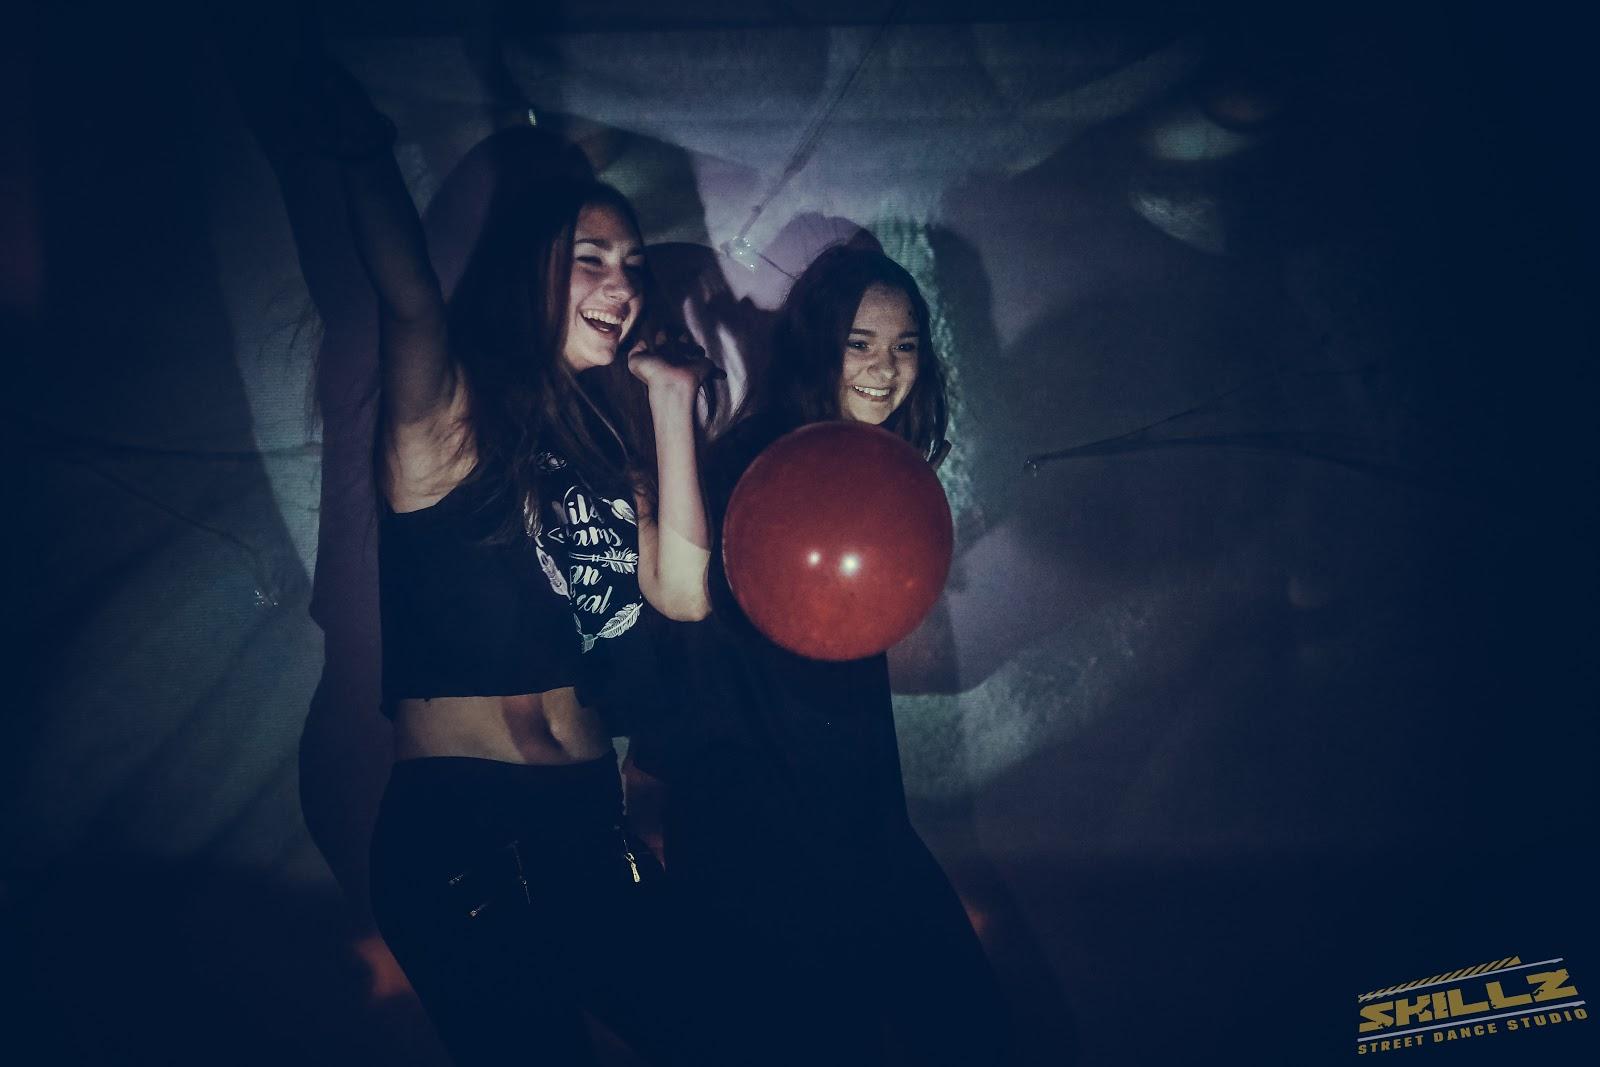 Naujikų krikštynos @SKILLZ (Halloween tema) - PANA1618.jpg